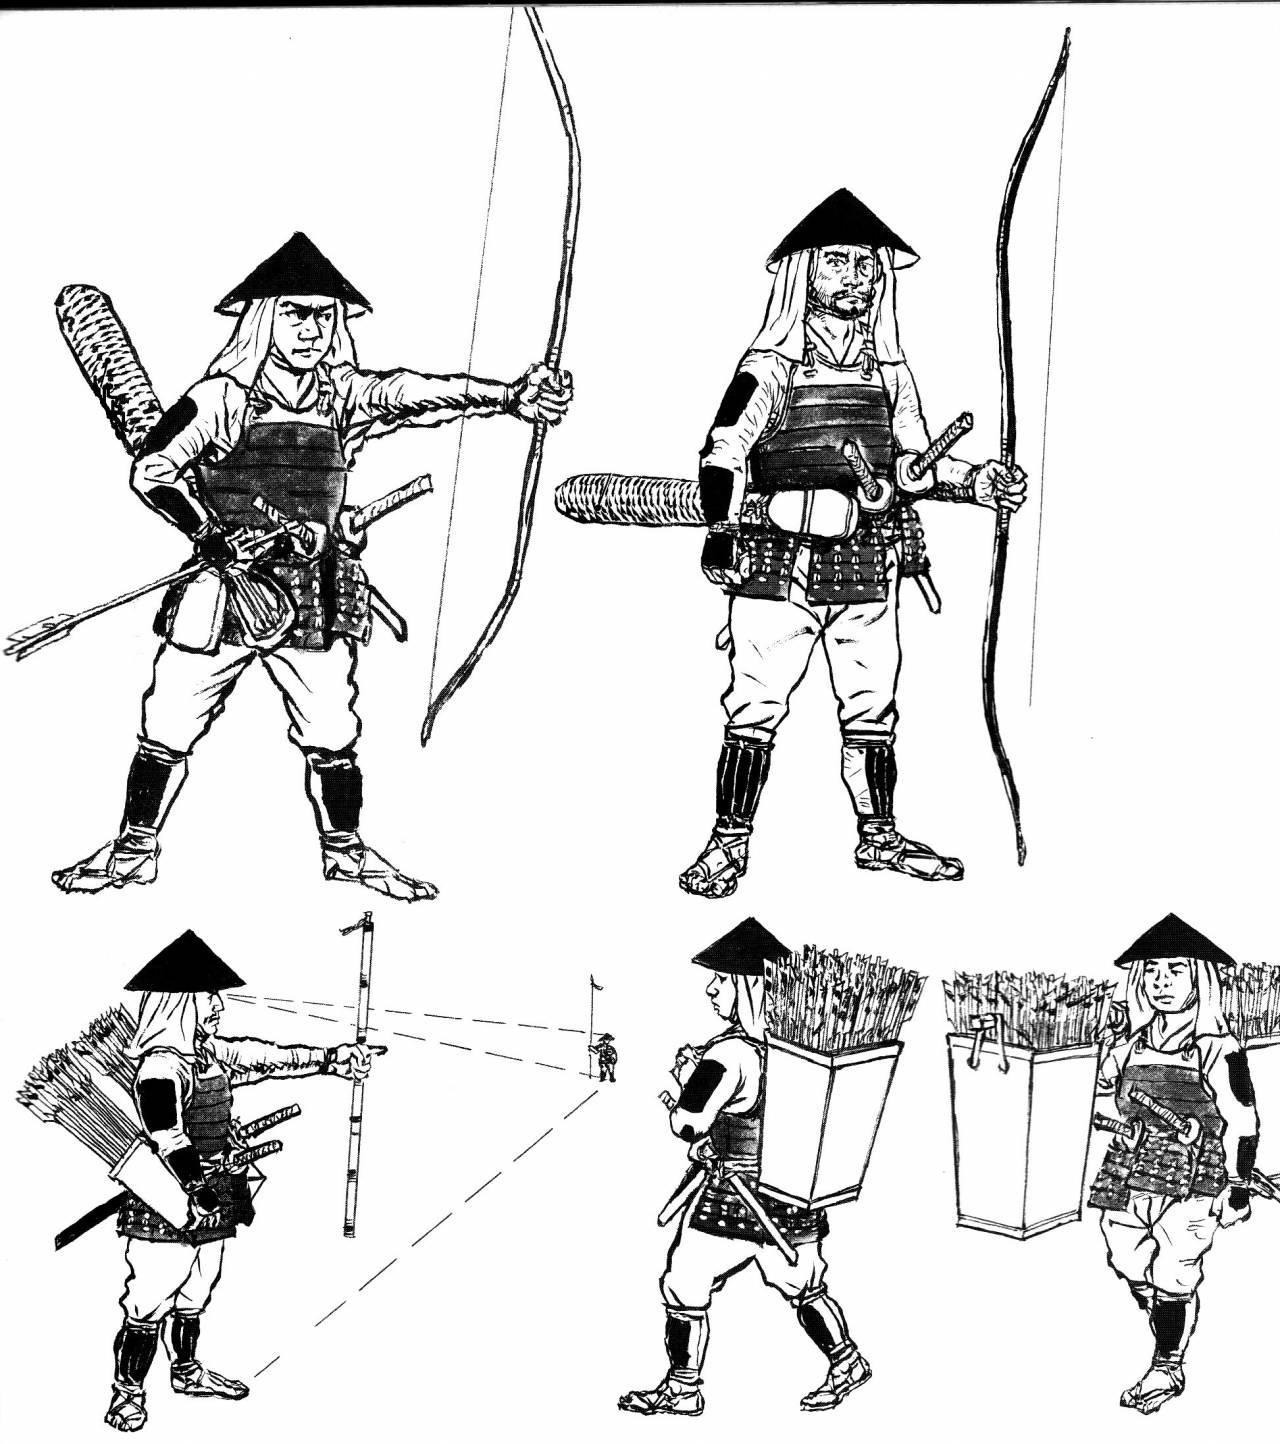 чертежи самурайских доспехов